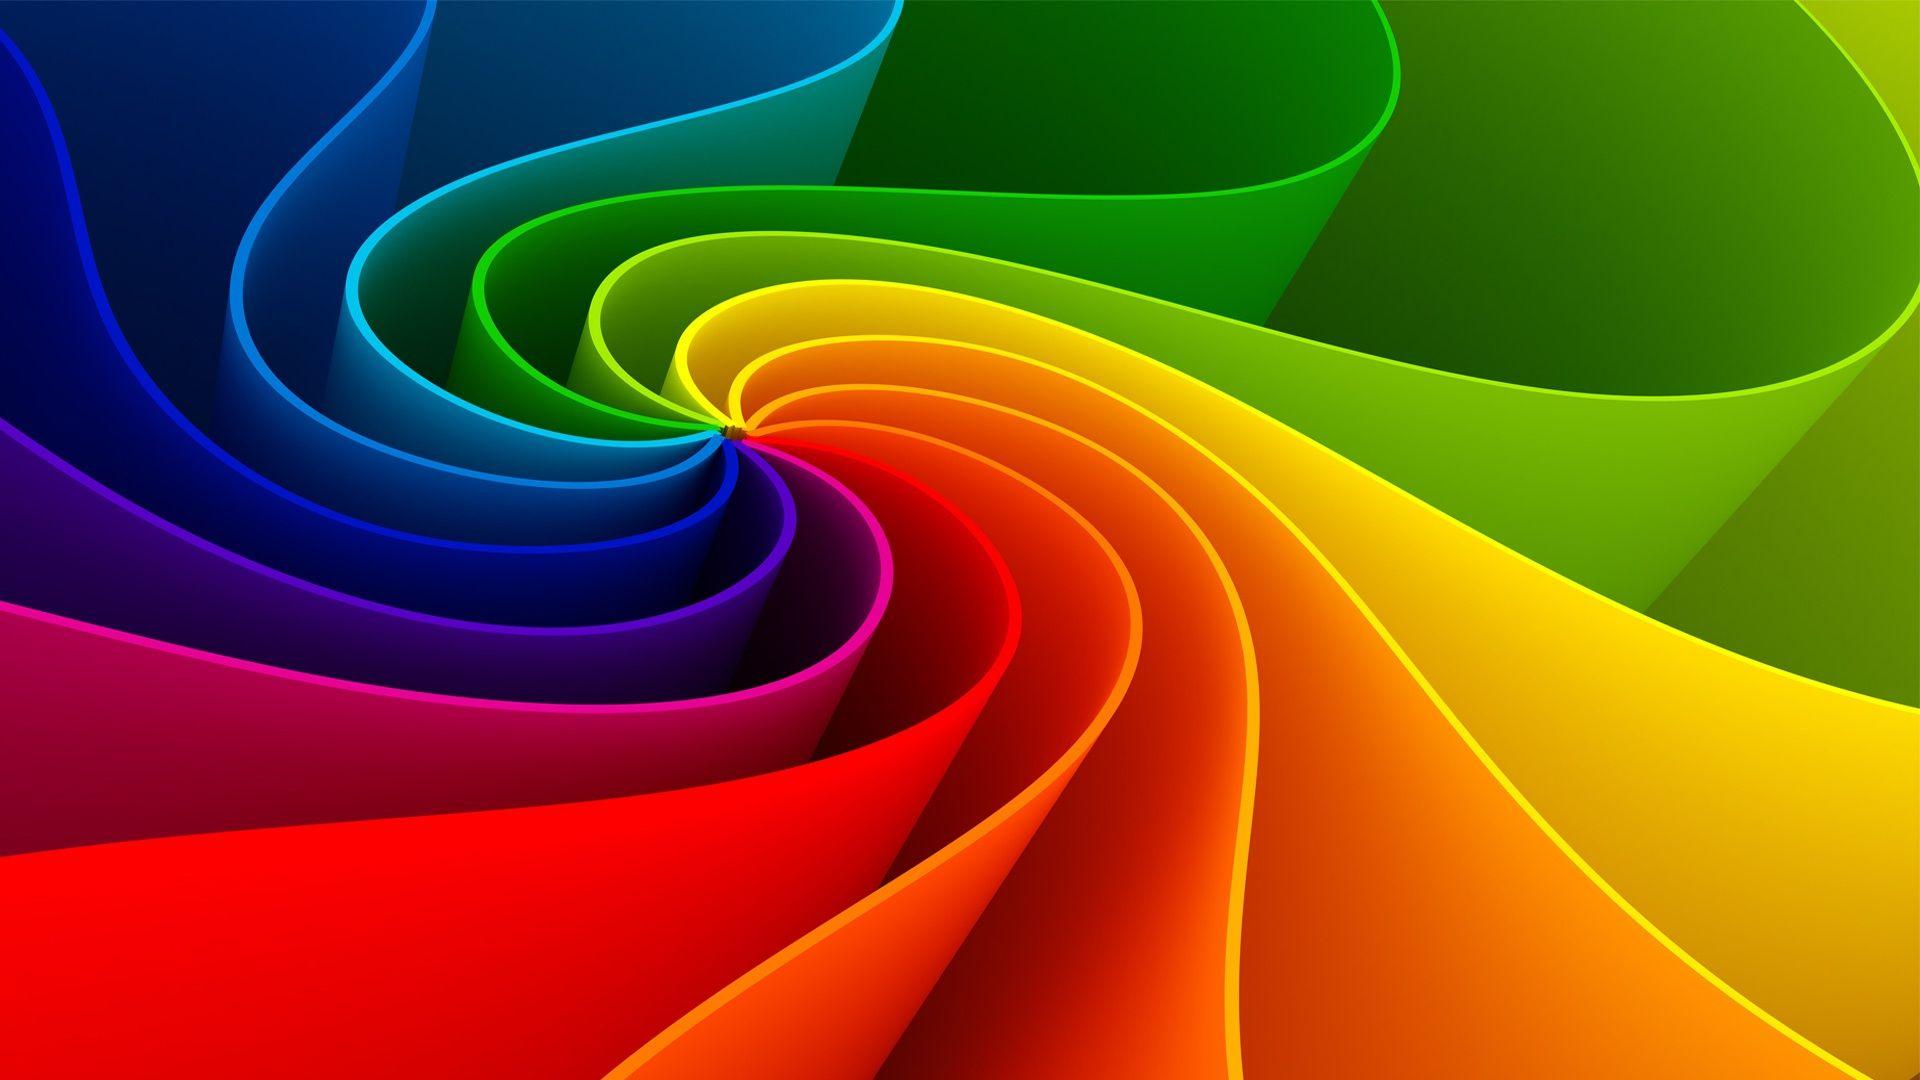 Colorees Rayures Abstraites Commun Fonds D Ecran 1920x1080 Fonds D Ecran De Telechargement Fond D Ecran Arc En Ciel Fond D Ecran Abstrait Fond D Ecran Colore